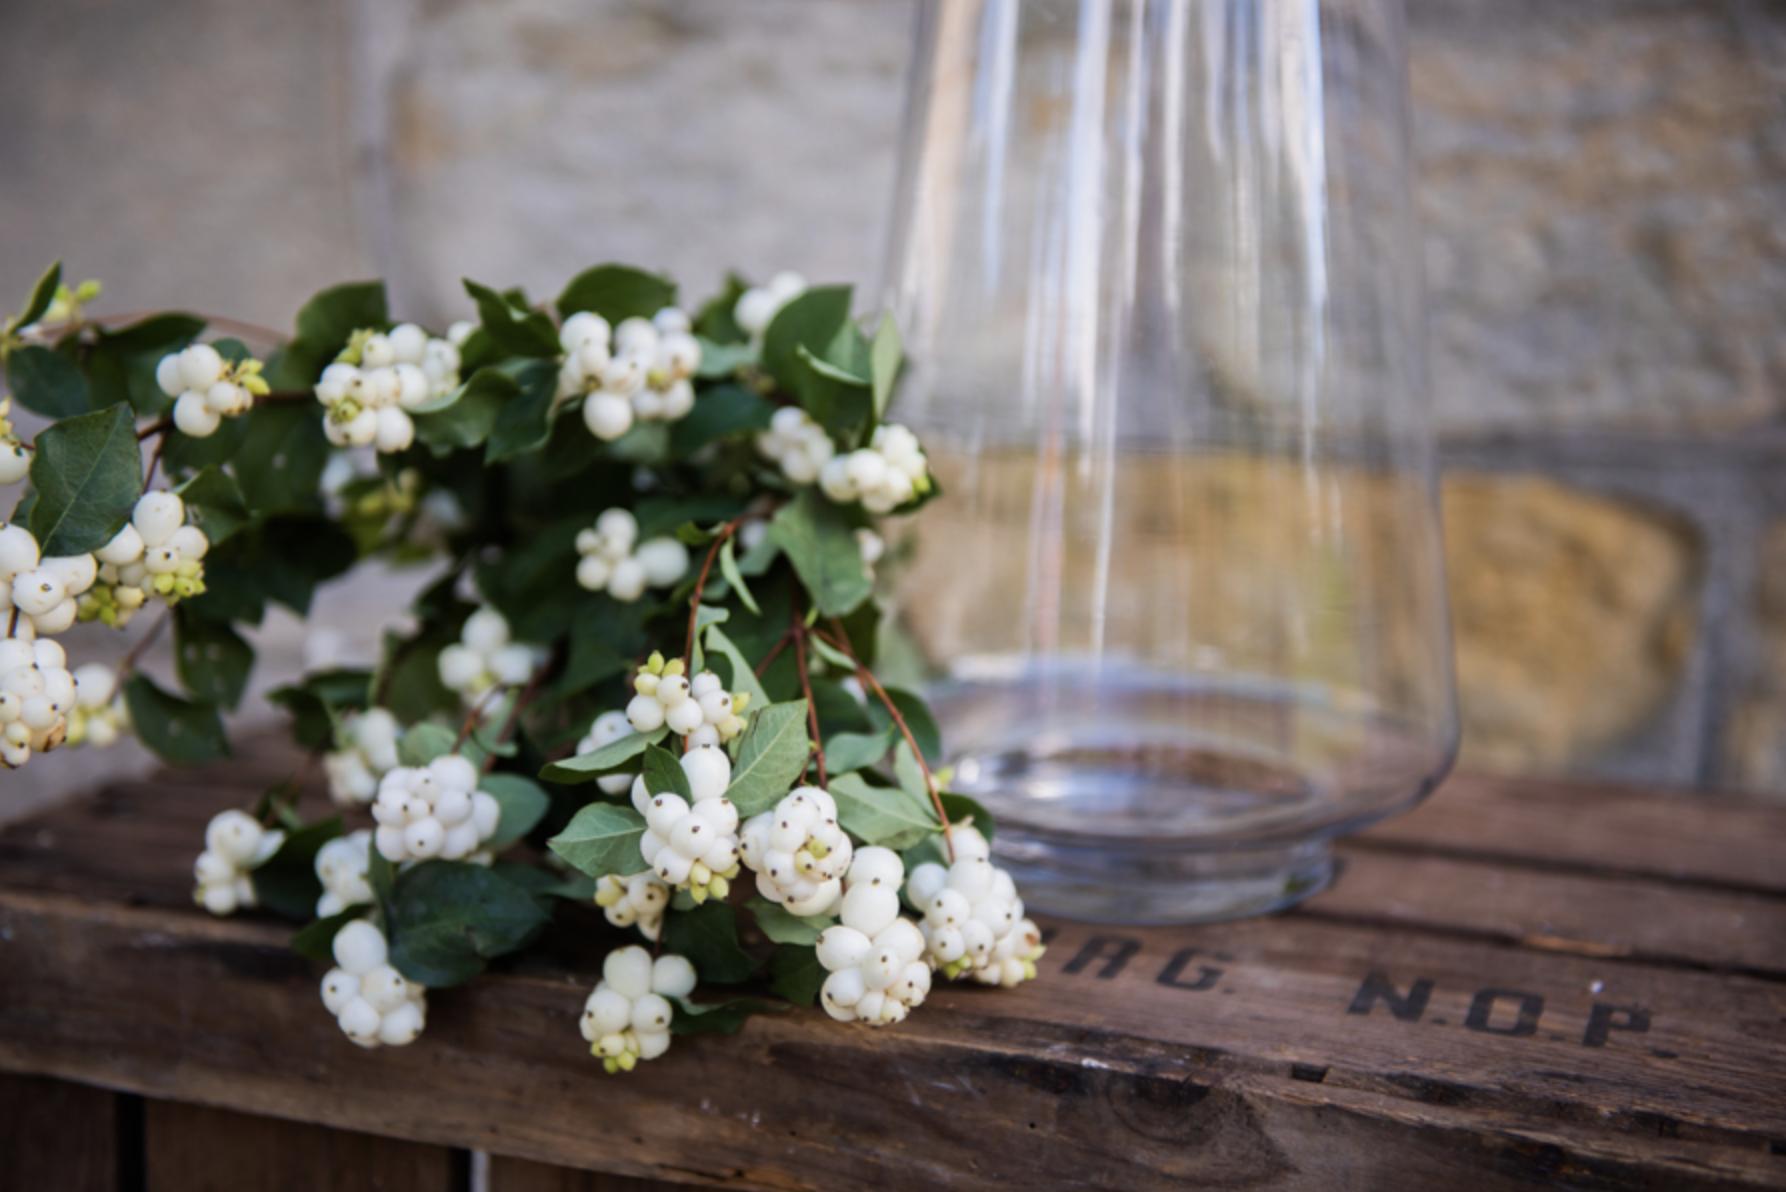 lorraine-wood-flowers-vase-1.png